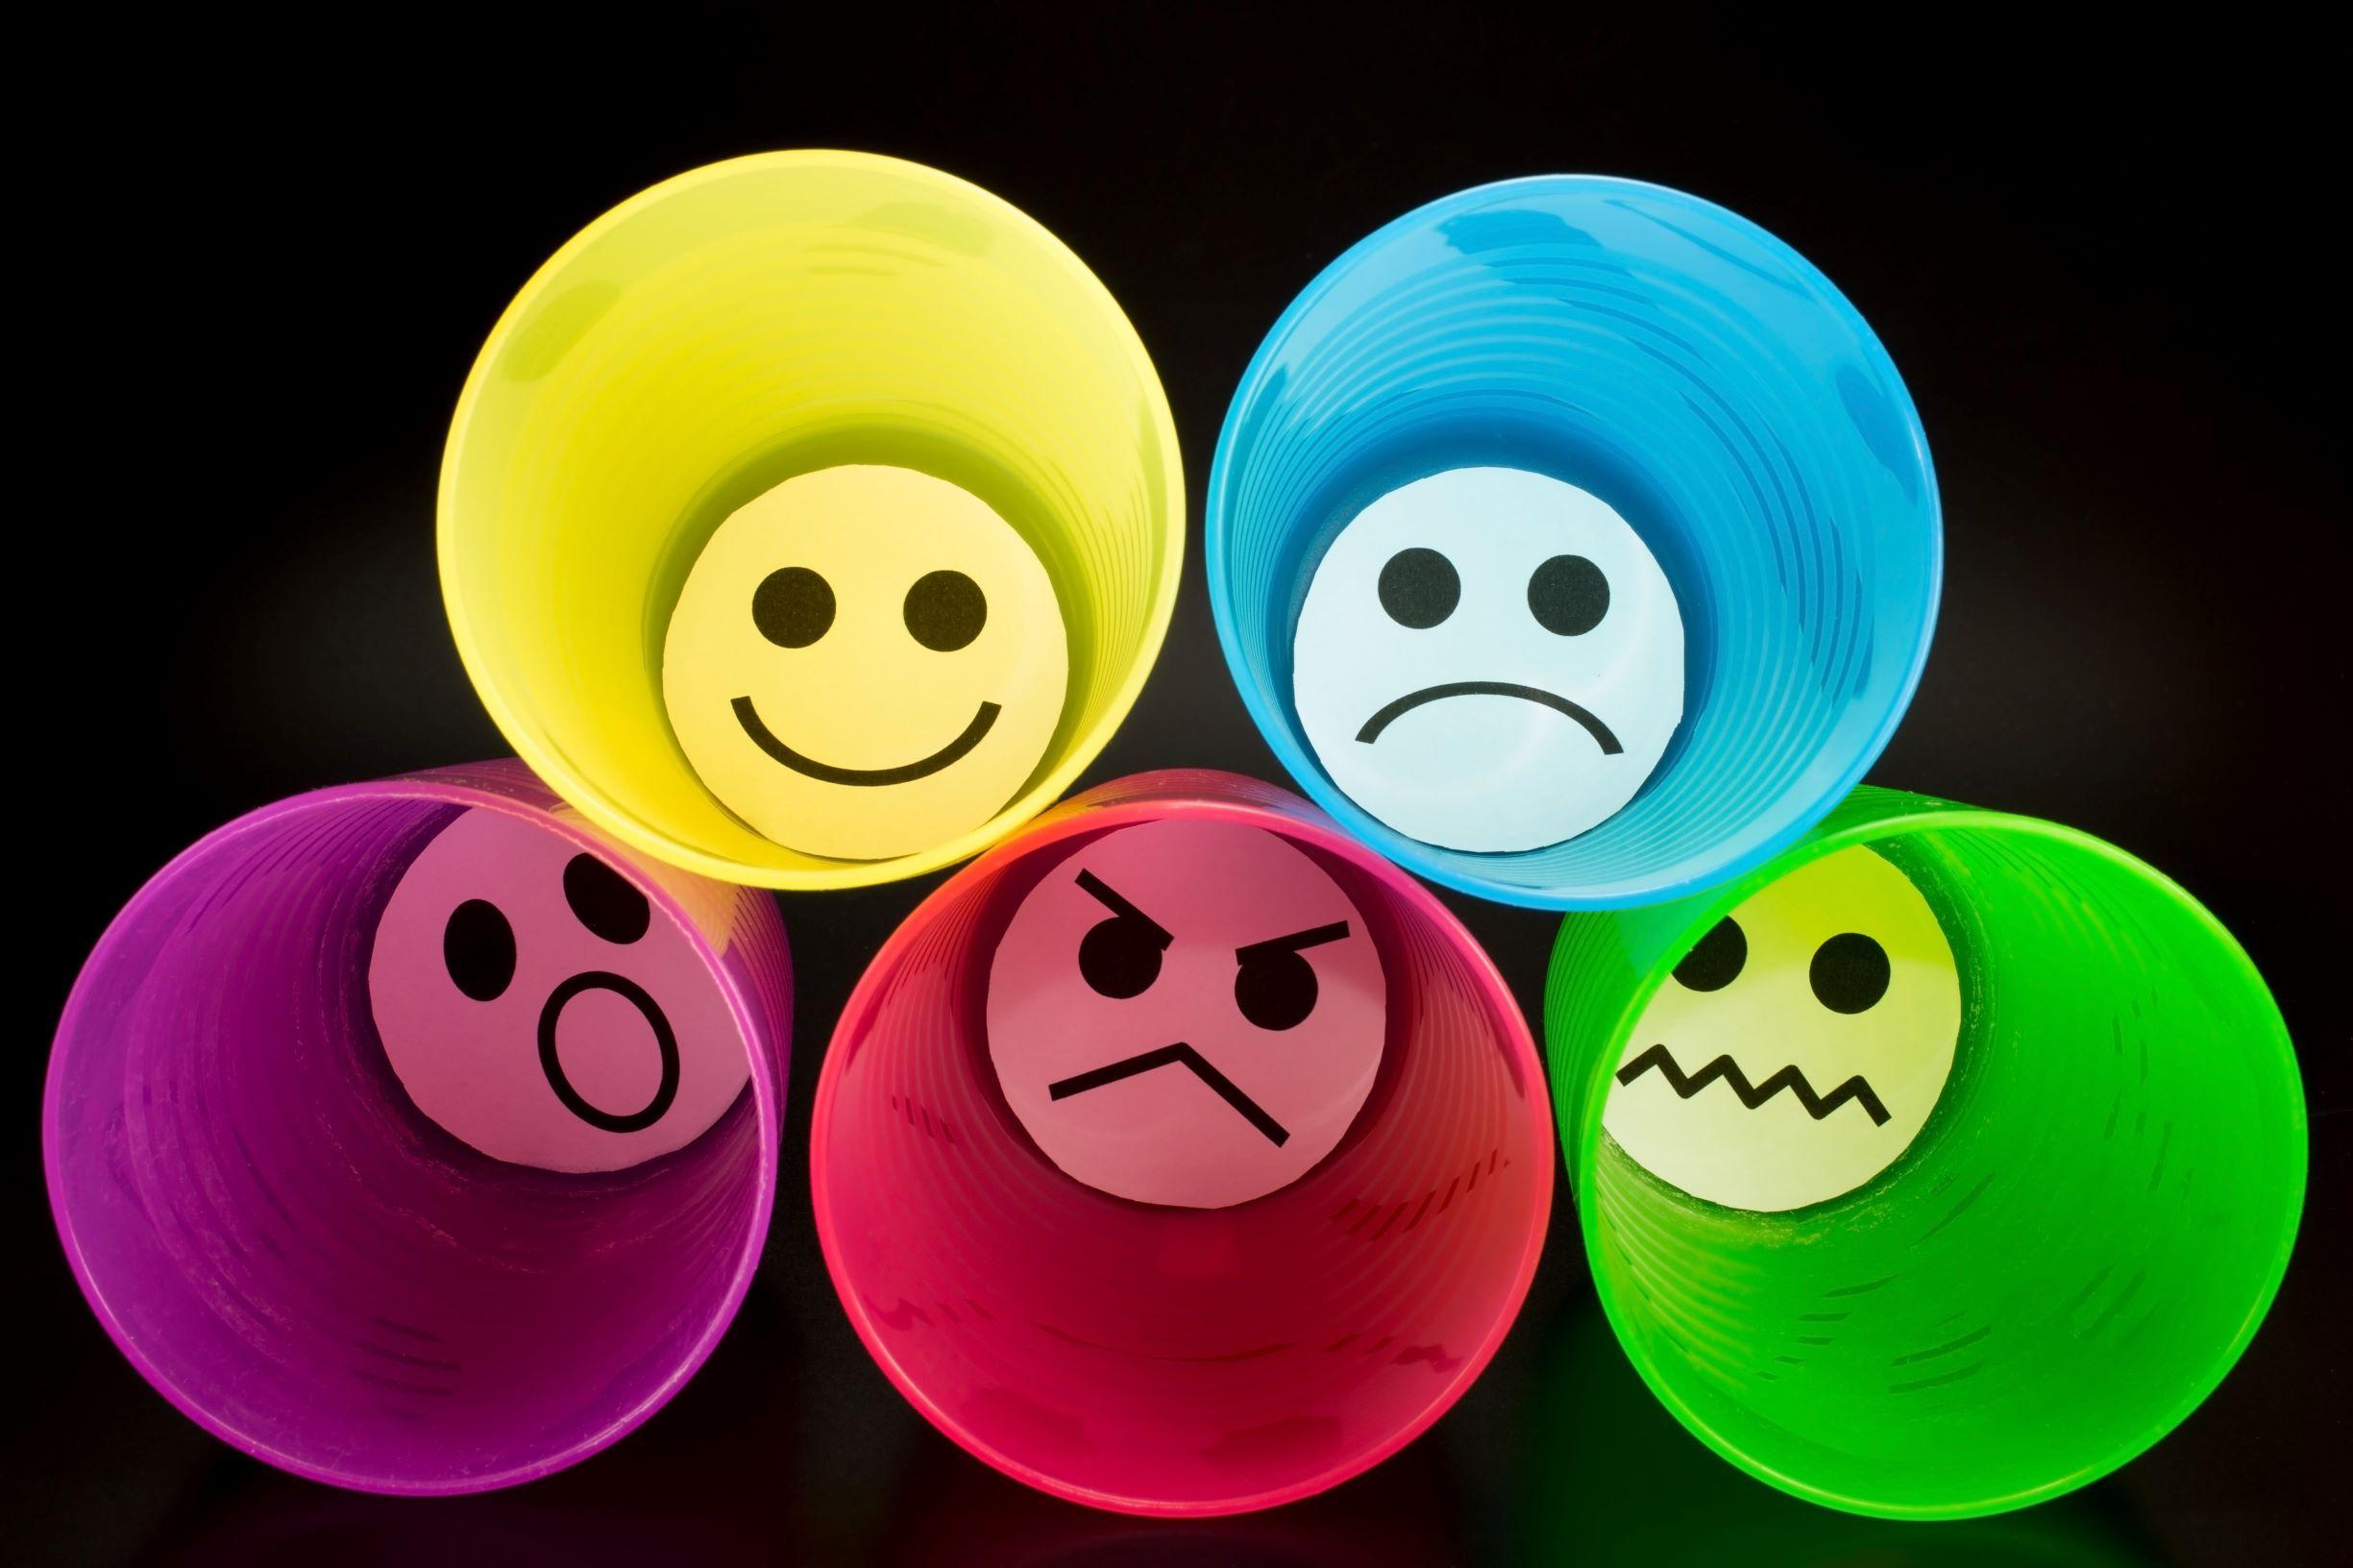 ホンモノの感情5人衆 by インサイドヘッド|毒親育ちのAC回復tips